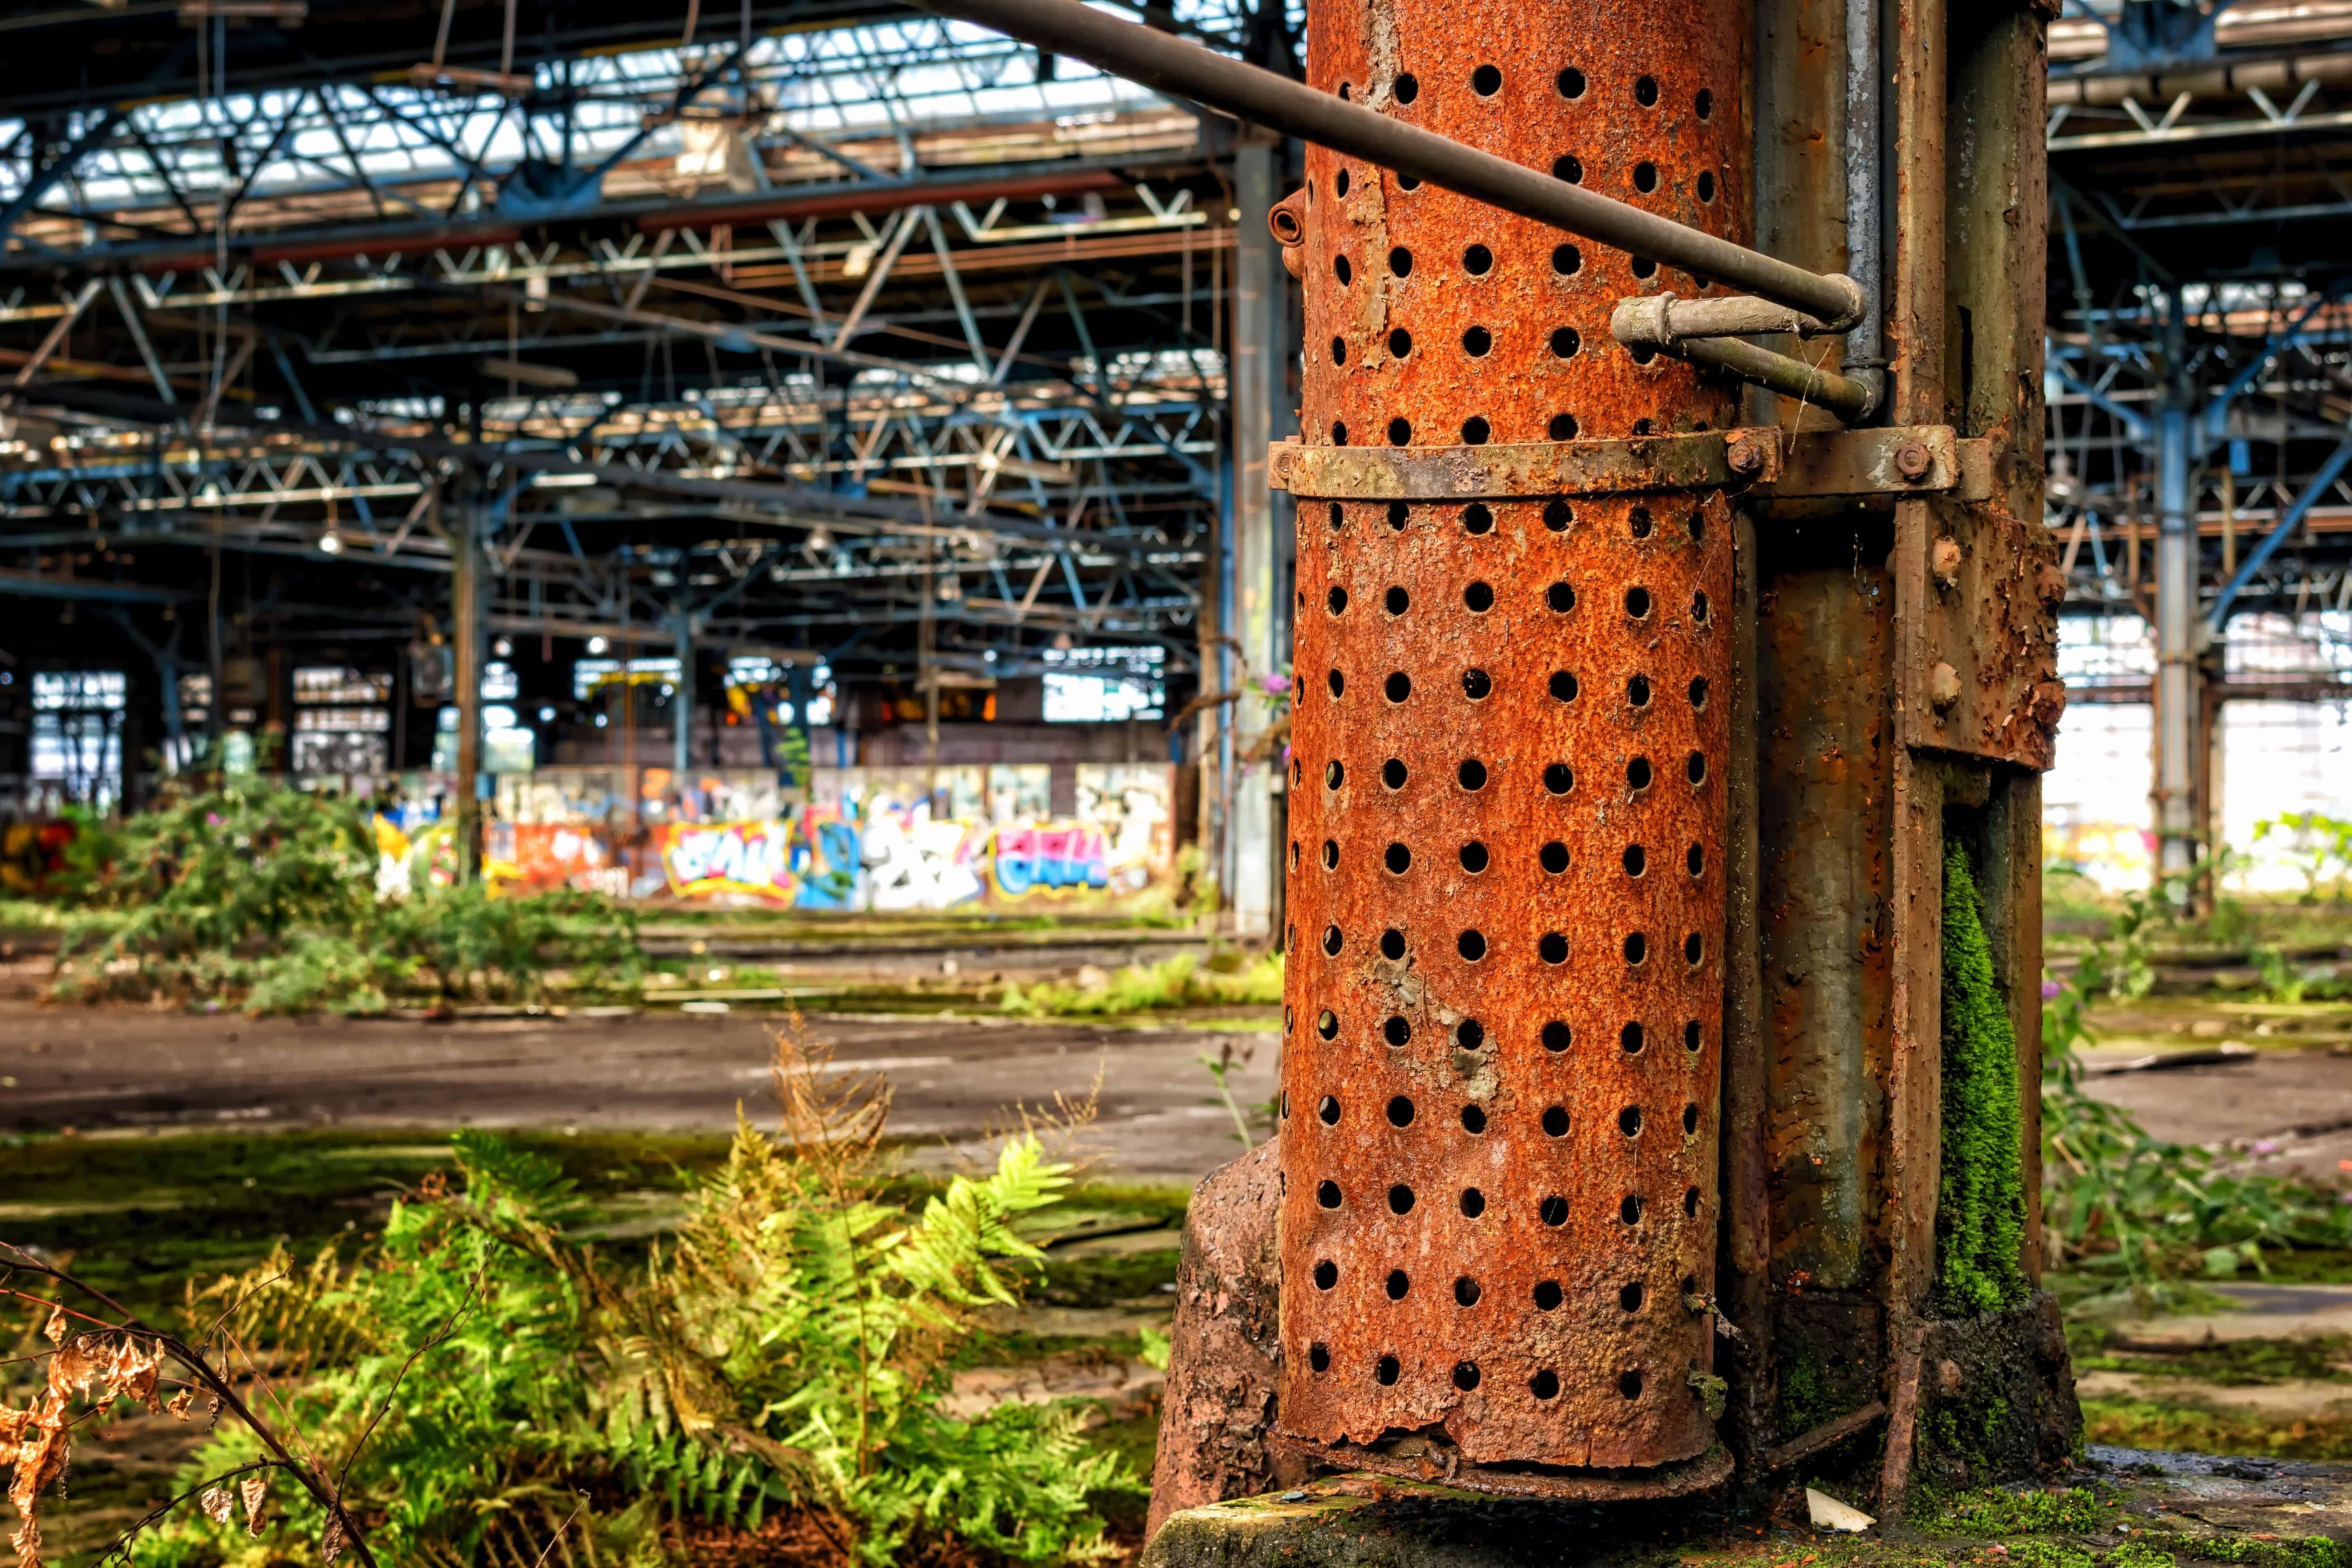 kostenlose bild pflanzen rasen beton industrie alte lager fabrik. Black Bedroom Furniture Sets. Home Design Ideas